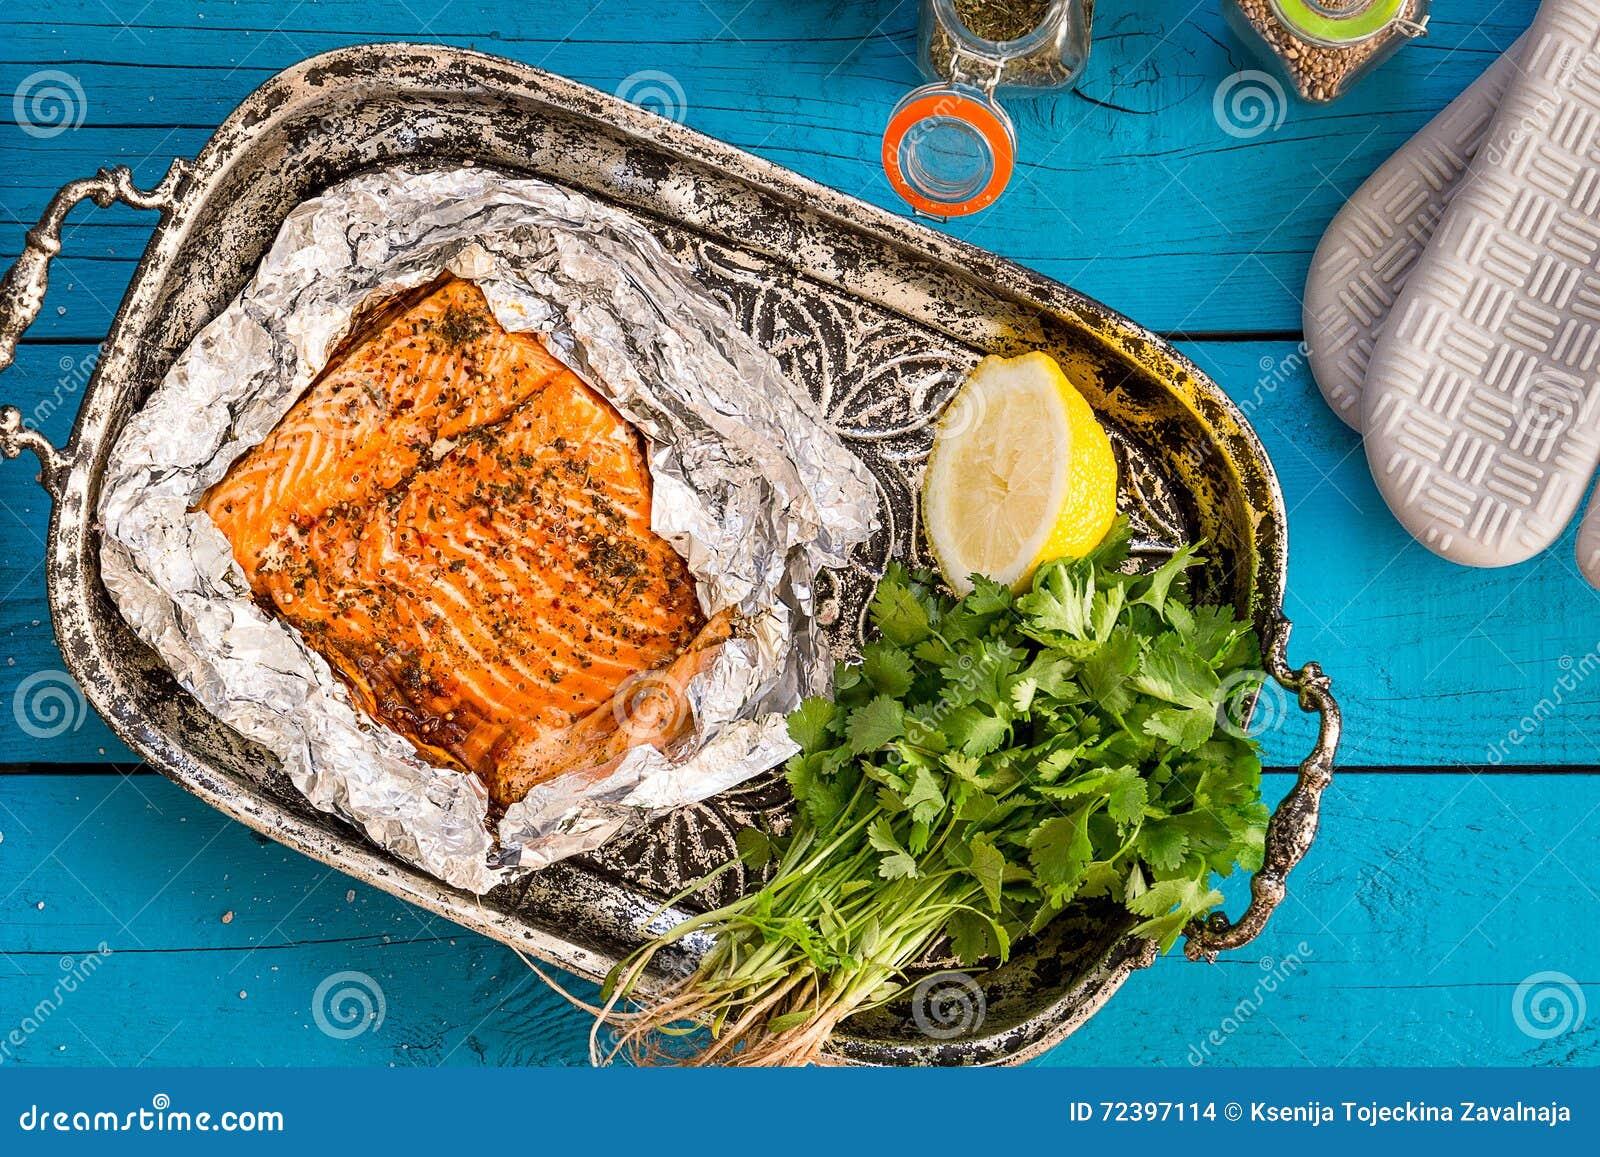 Νόστιμος ψημένος σολομός ψαριών στο φύλλο αλουμινίου στον μπλε πίνακα, τοπ άποψη